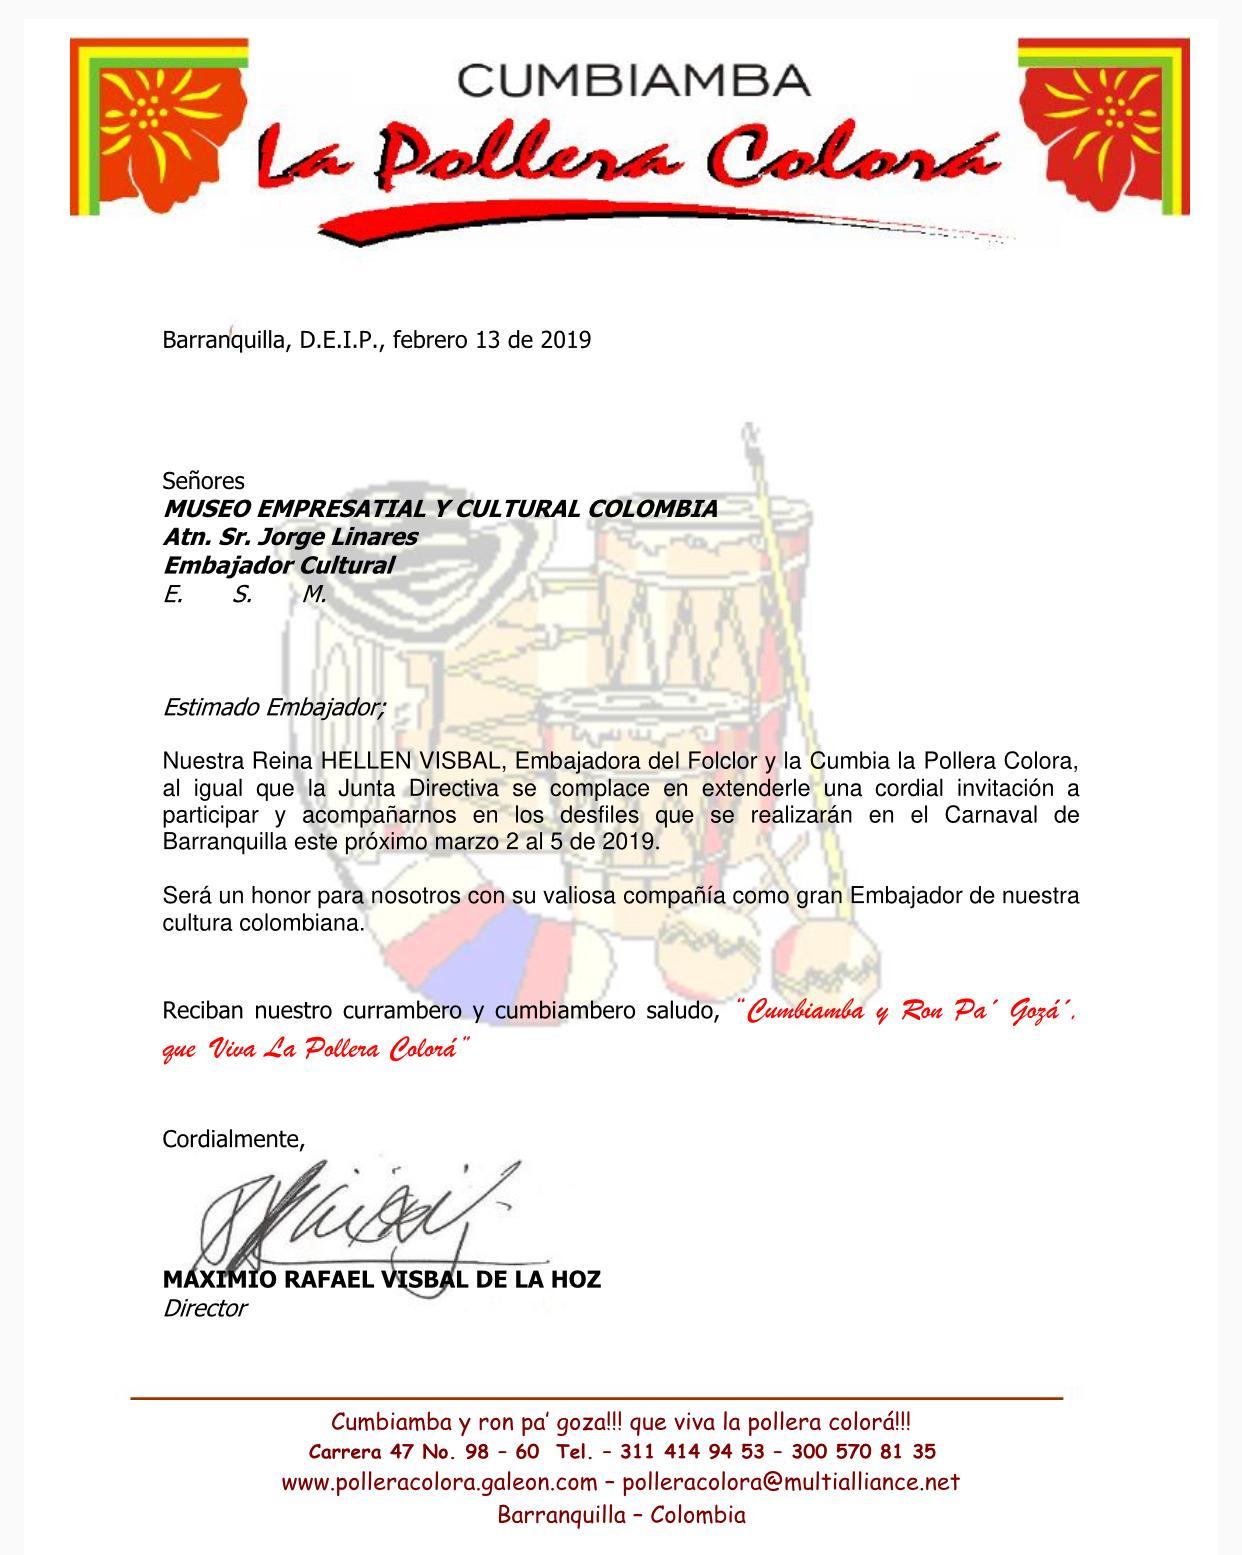 Nuestro Embajador Cultural Jorge Linares,invitado especial Carnaval de Barranquilla 2019